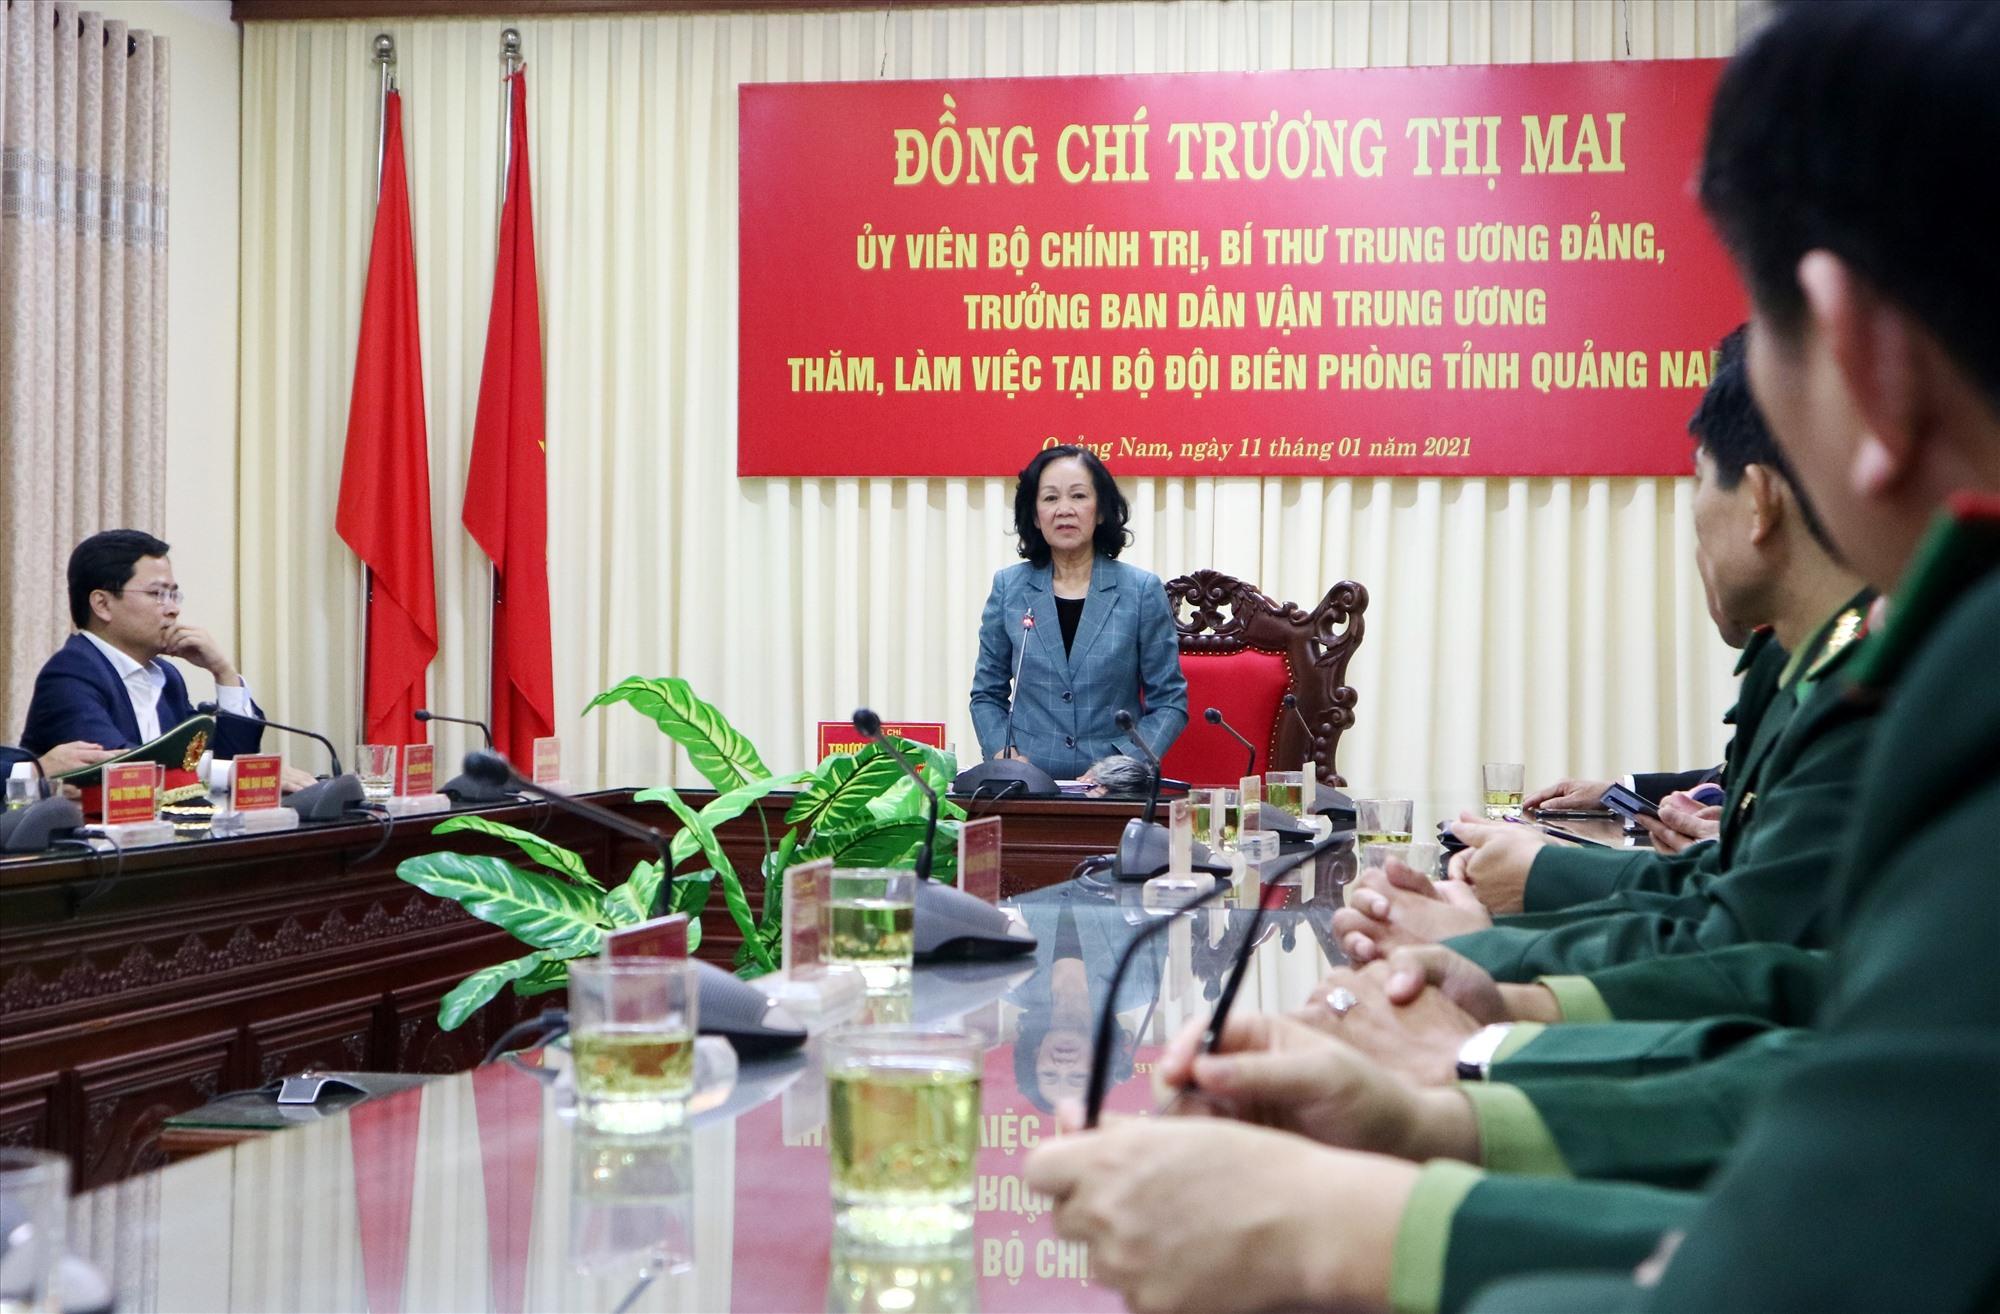 Đồng chí Trương Thị Mai chia sẻ và động viên BĐBP tỉnh luôn hoàn thành nhiệm vụ, xứng đáng với niềm tin yên của nhân dân. Ảnh: A.N